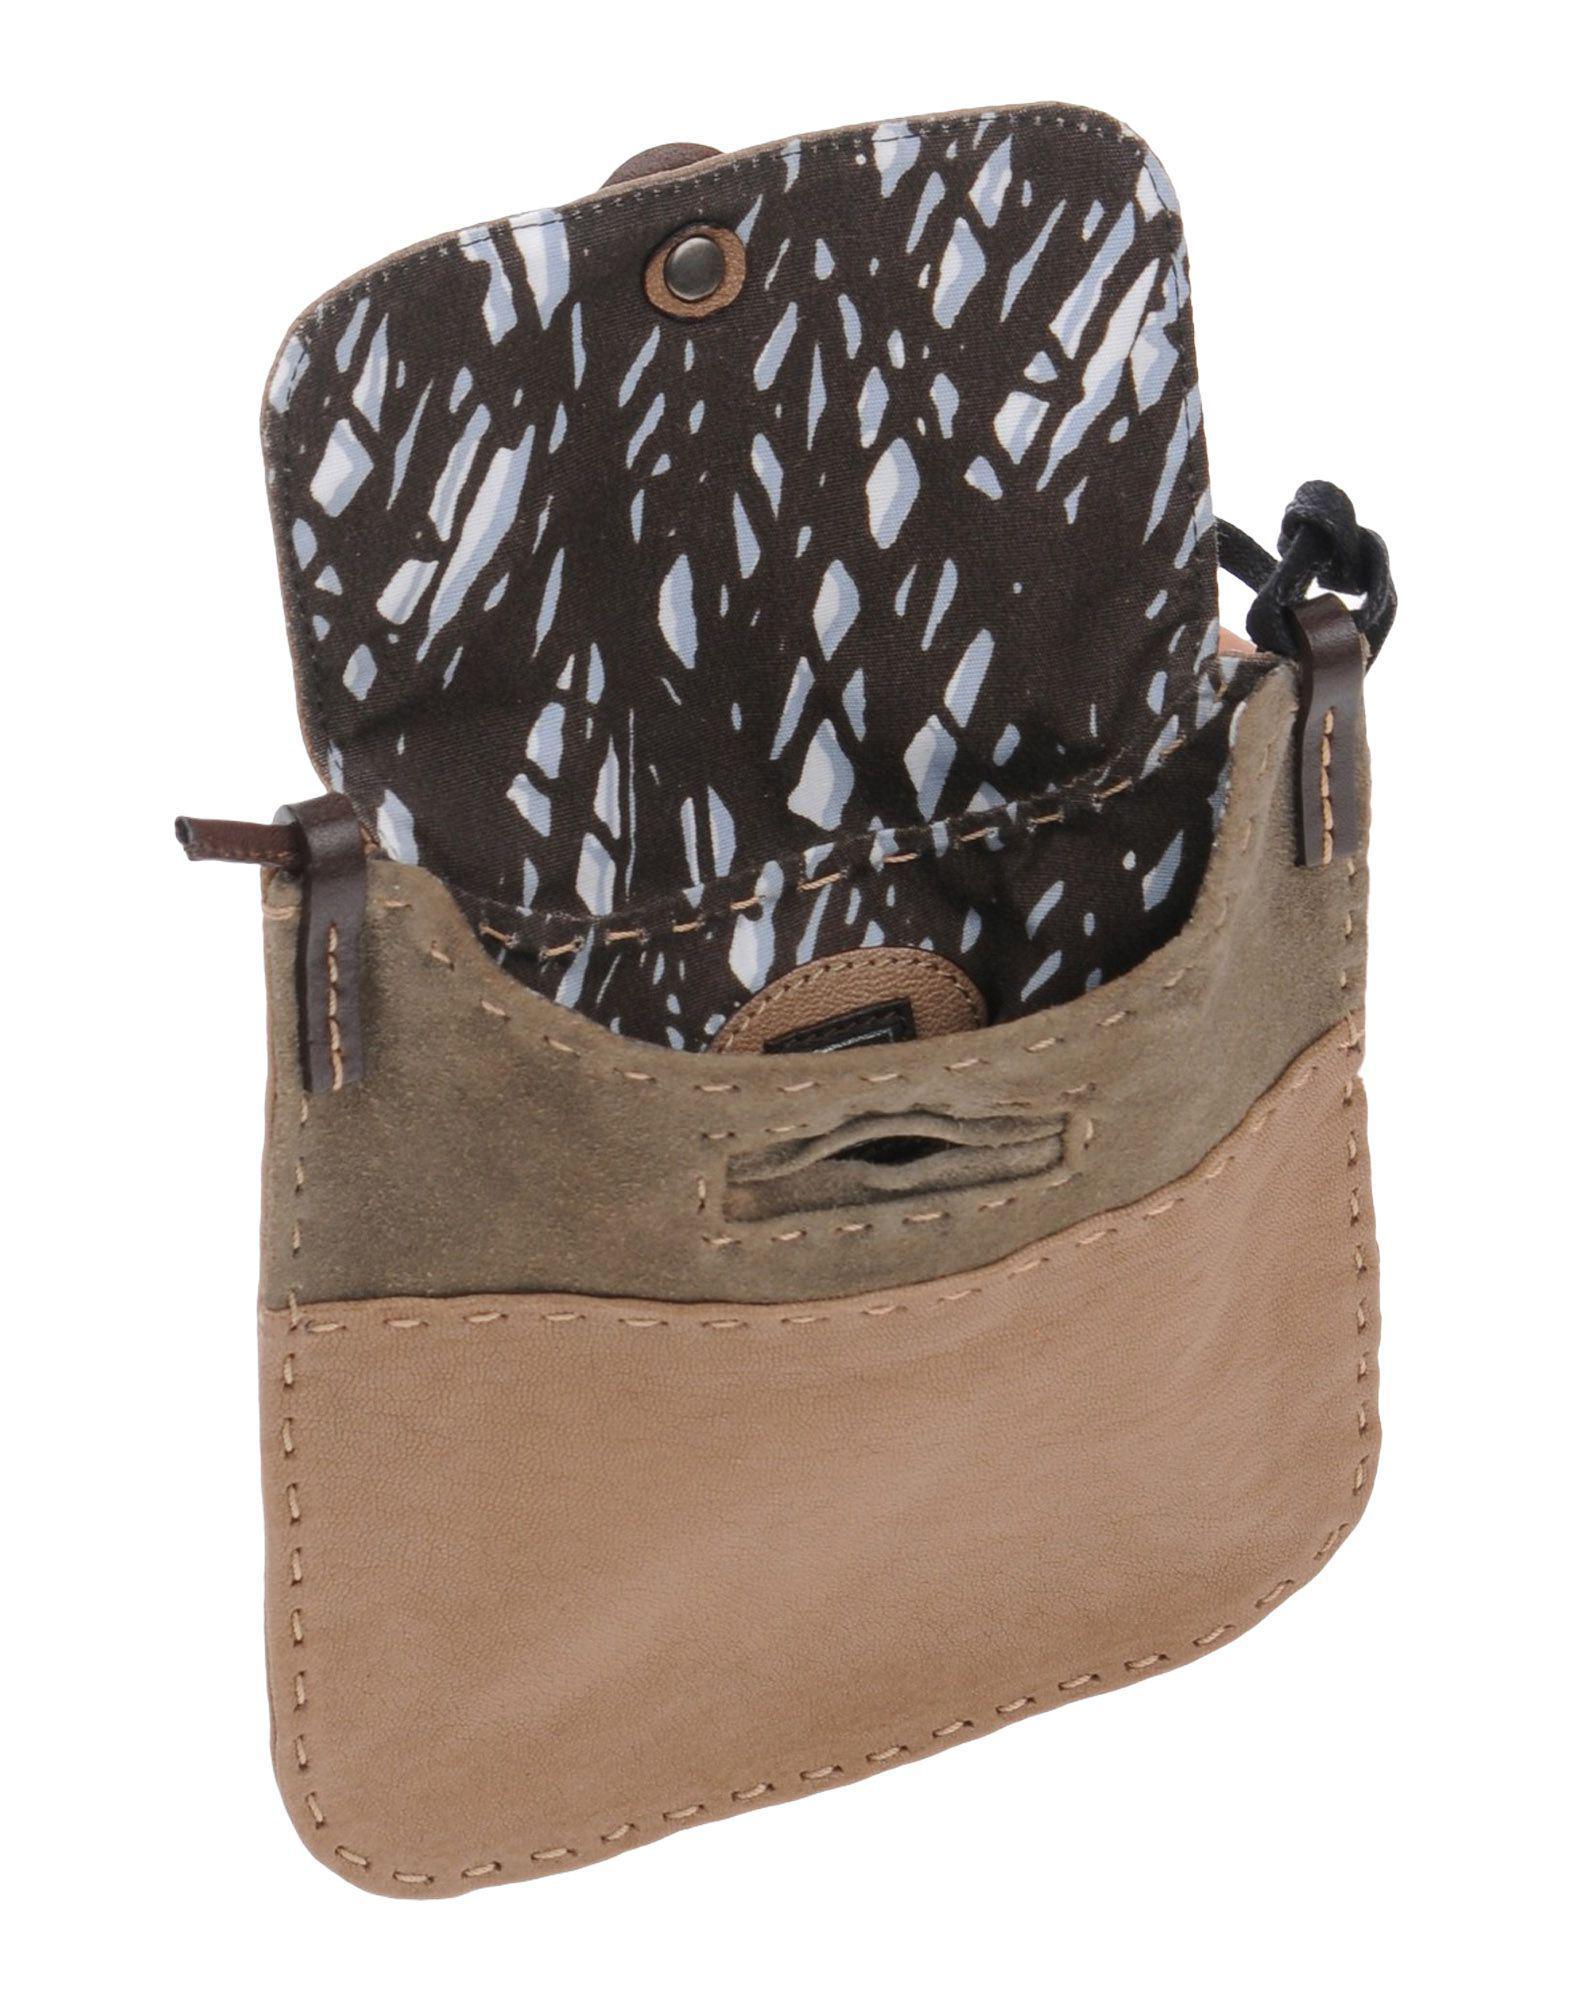 Jamin Puech Cross-body Bag in Khaki (Natural)